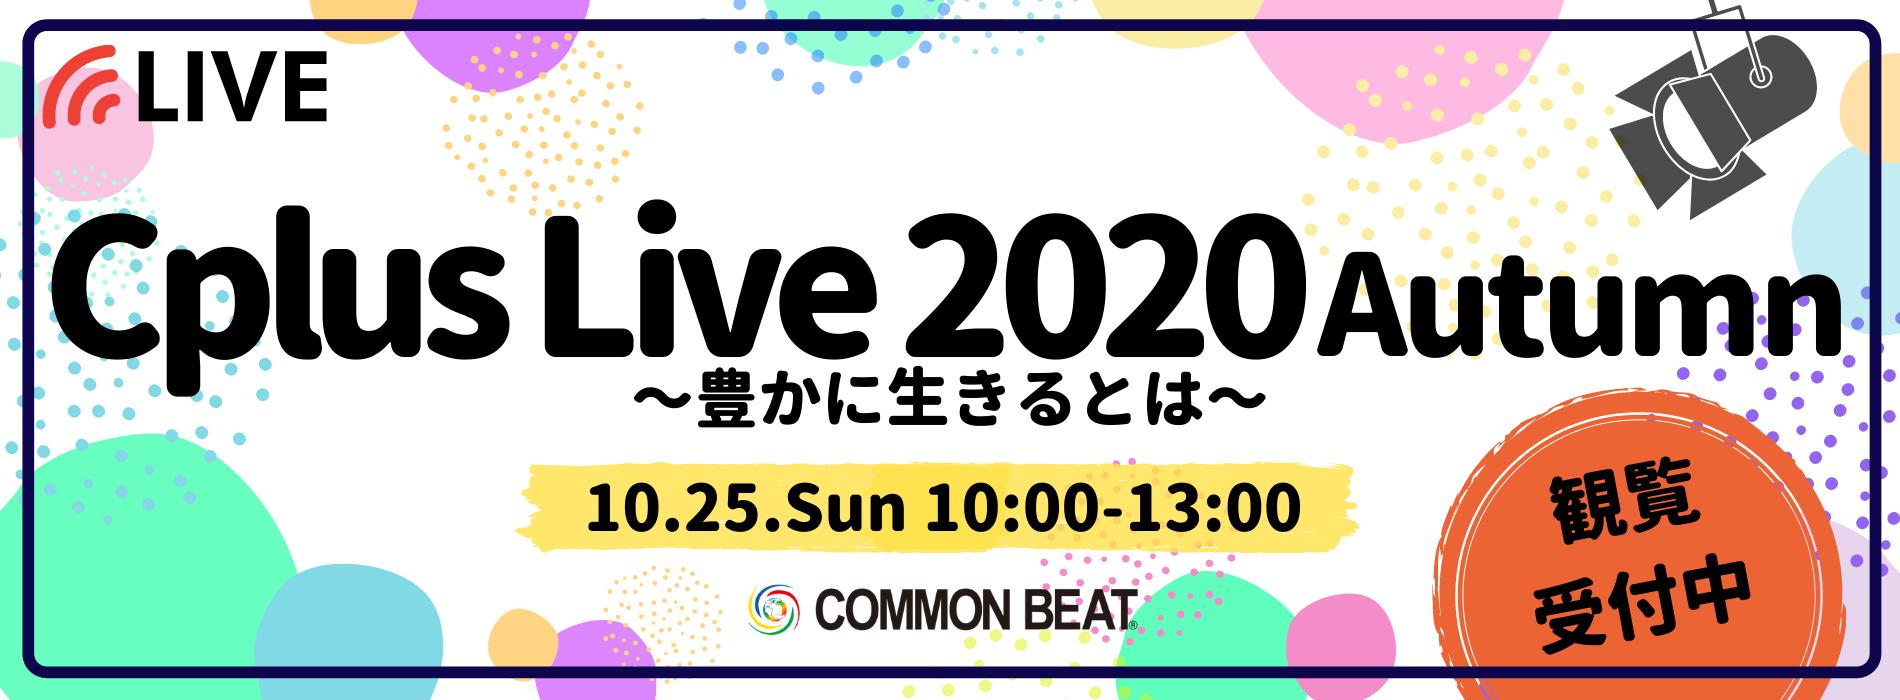 「Cplus Live 2020 Autumn 〜豊かに生きる〜」オンライン観覧受付開始